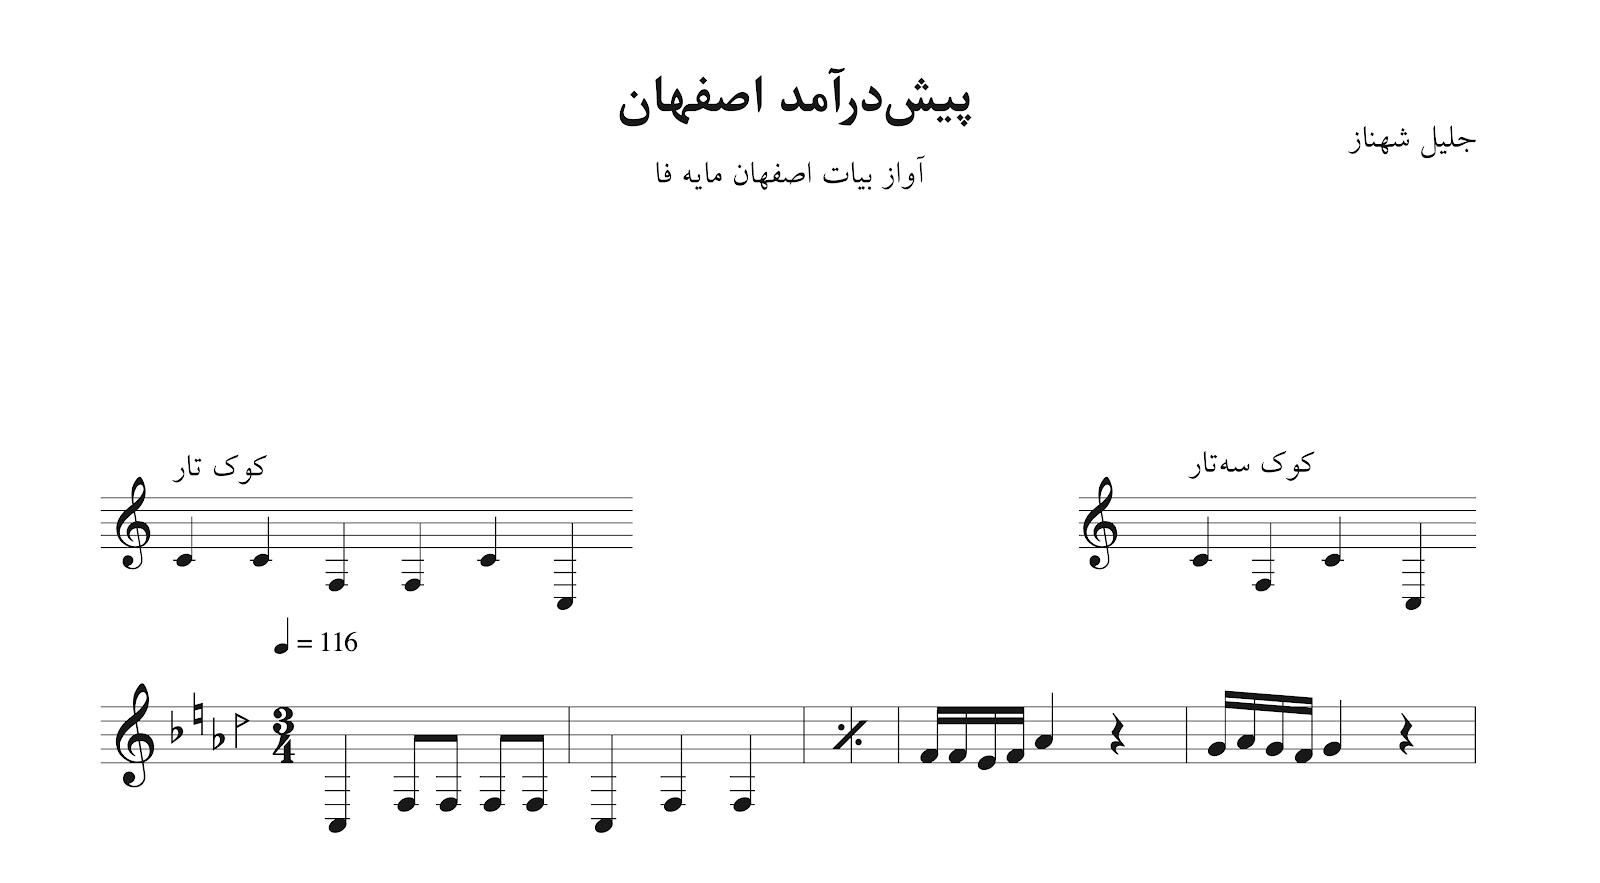 نت پیشدرآمد بیات اصفهان مایهی فا جلیل شهناز